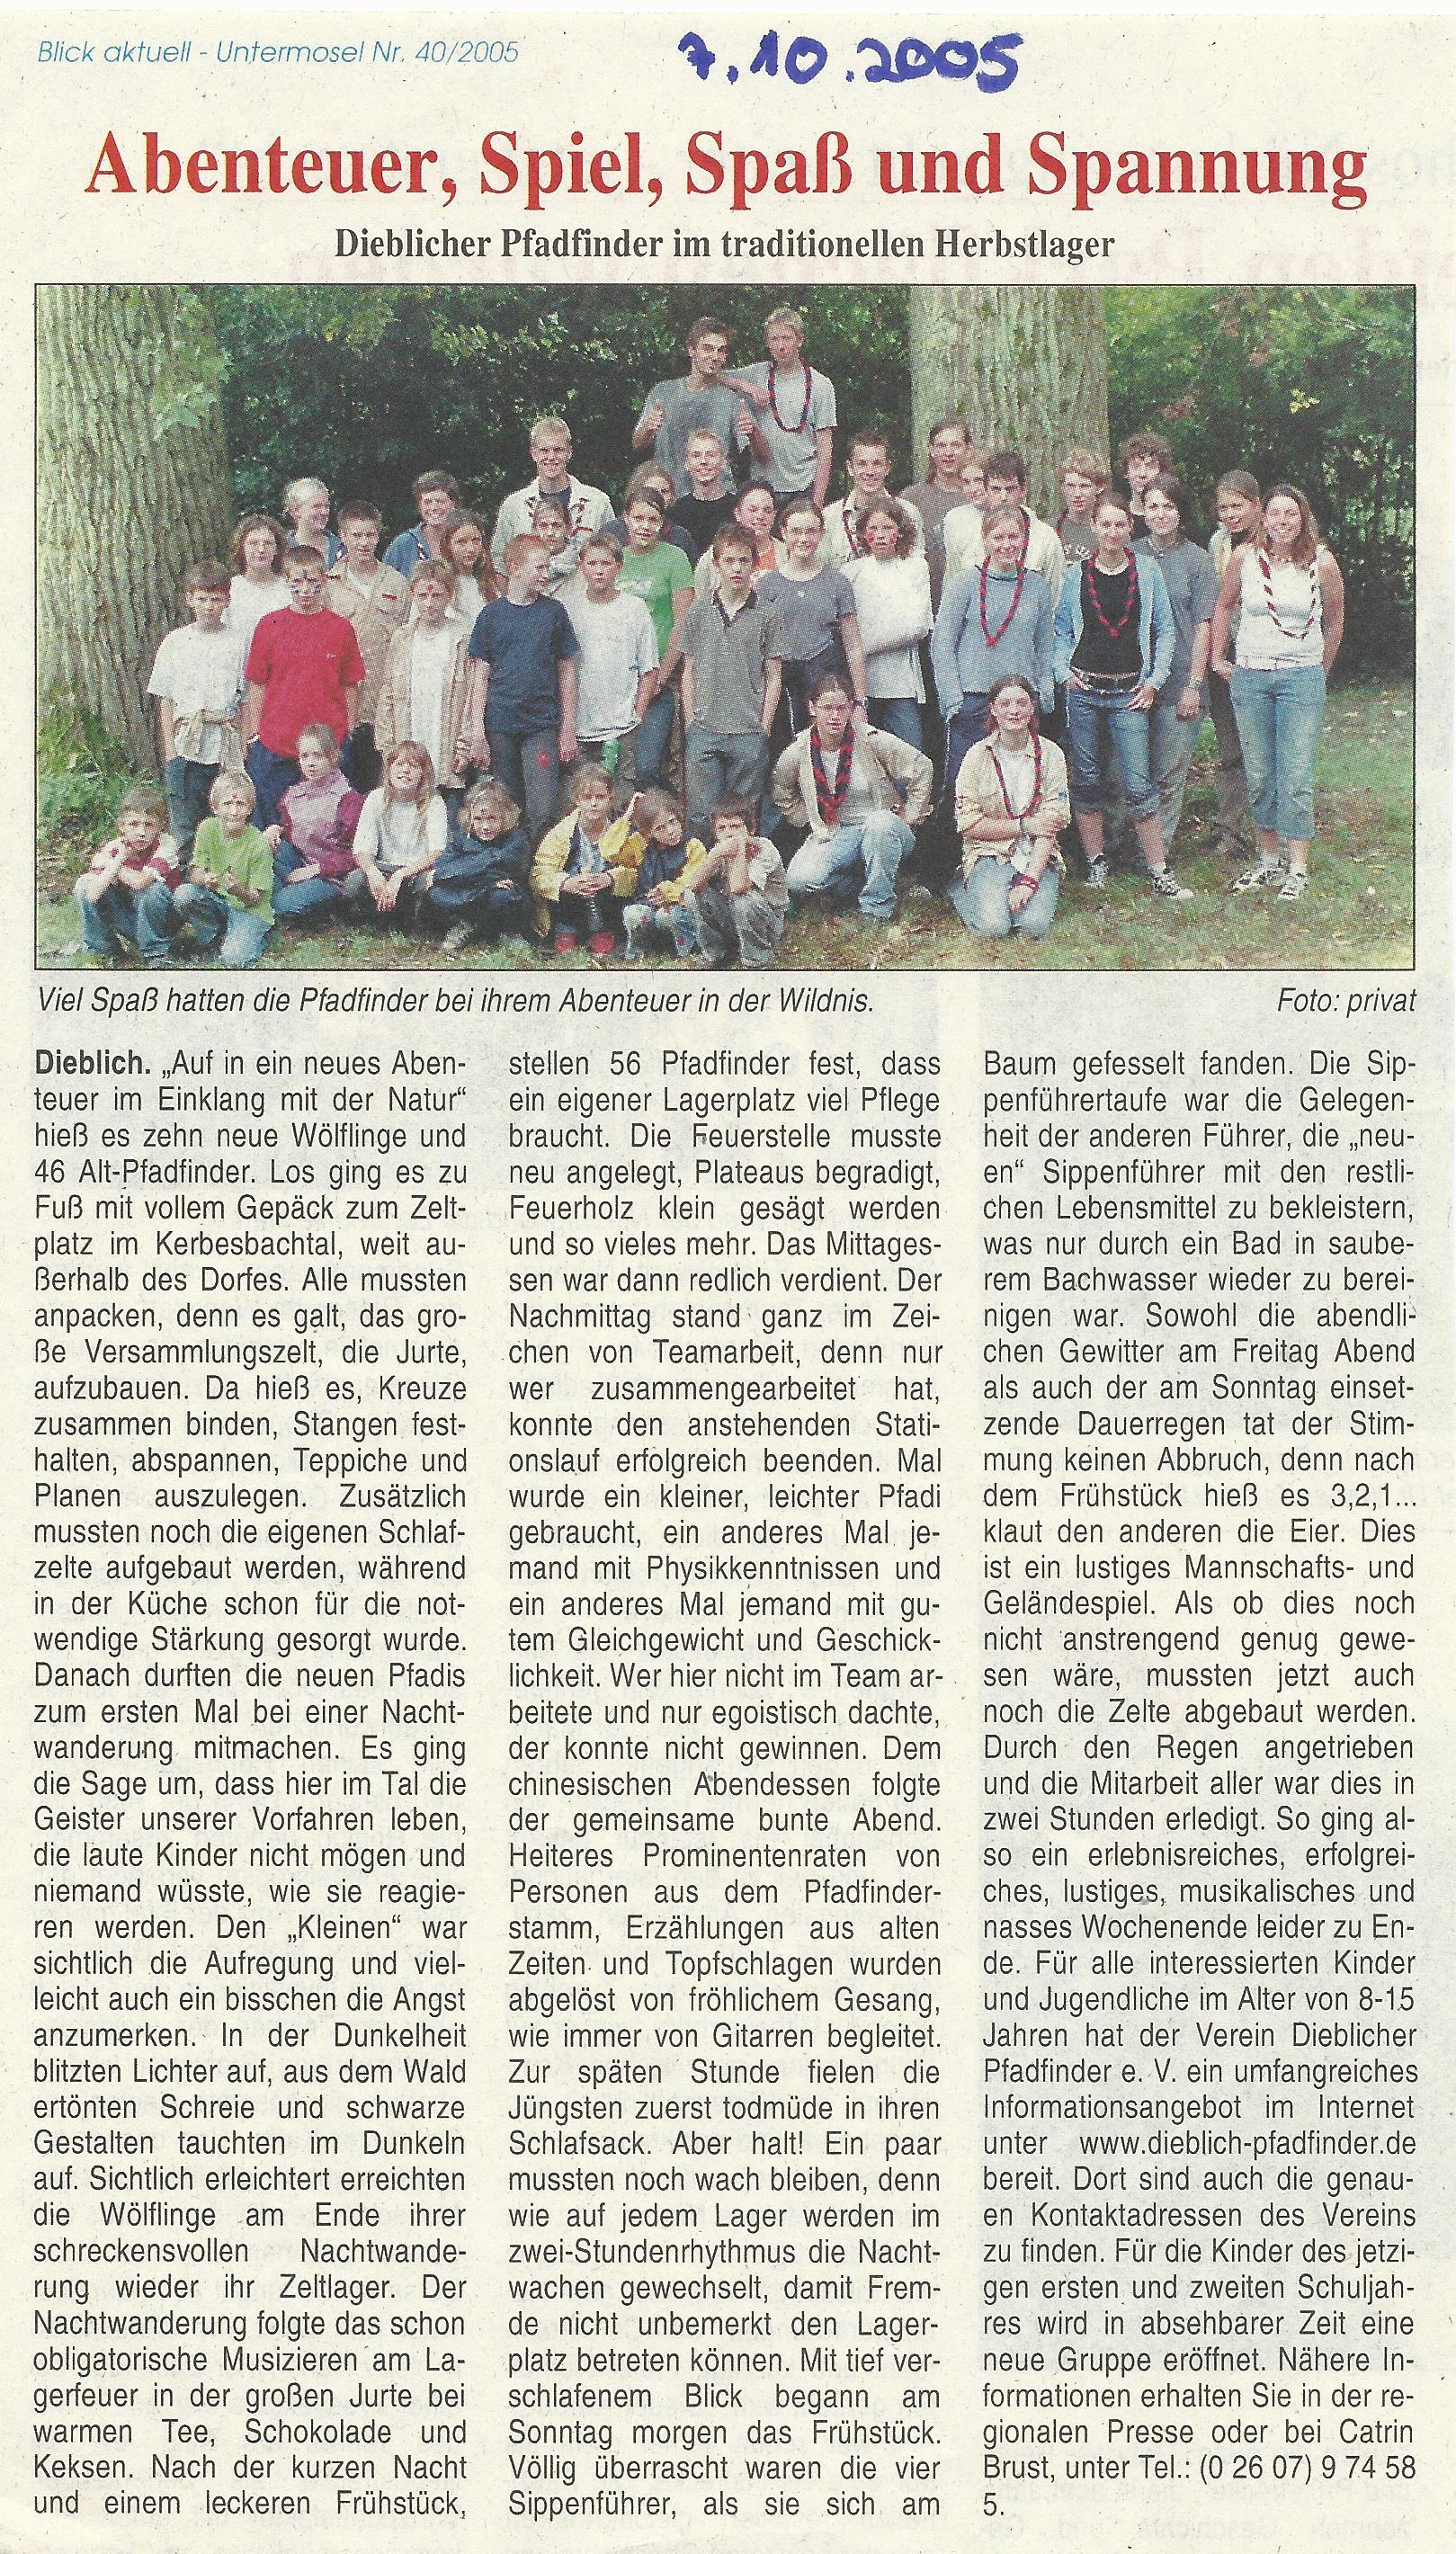 Pressebericht 2  Herbstlager 2005